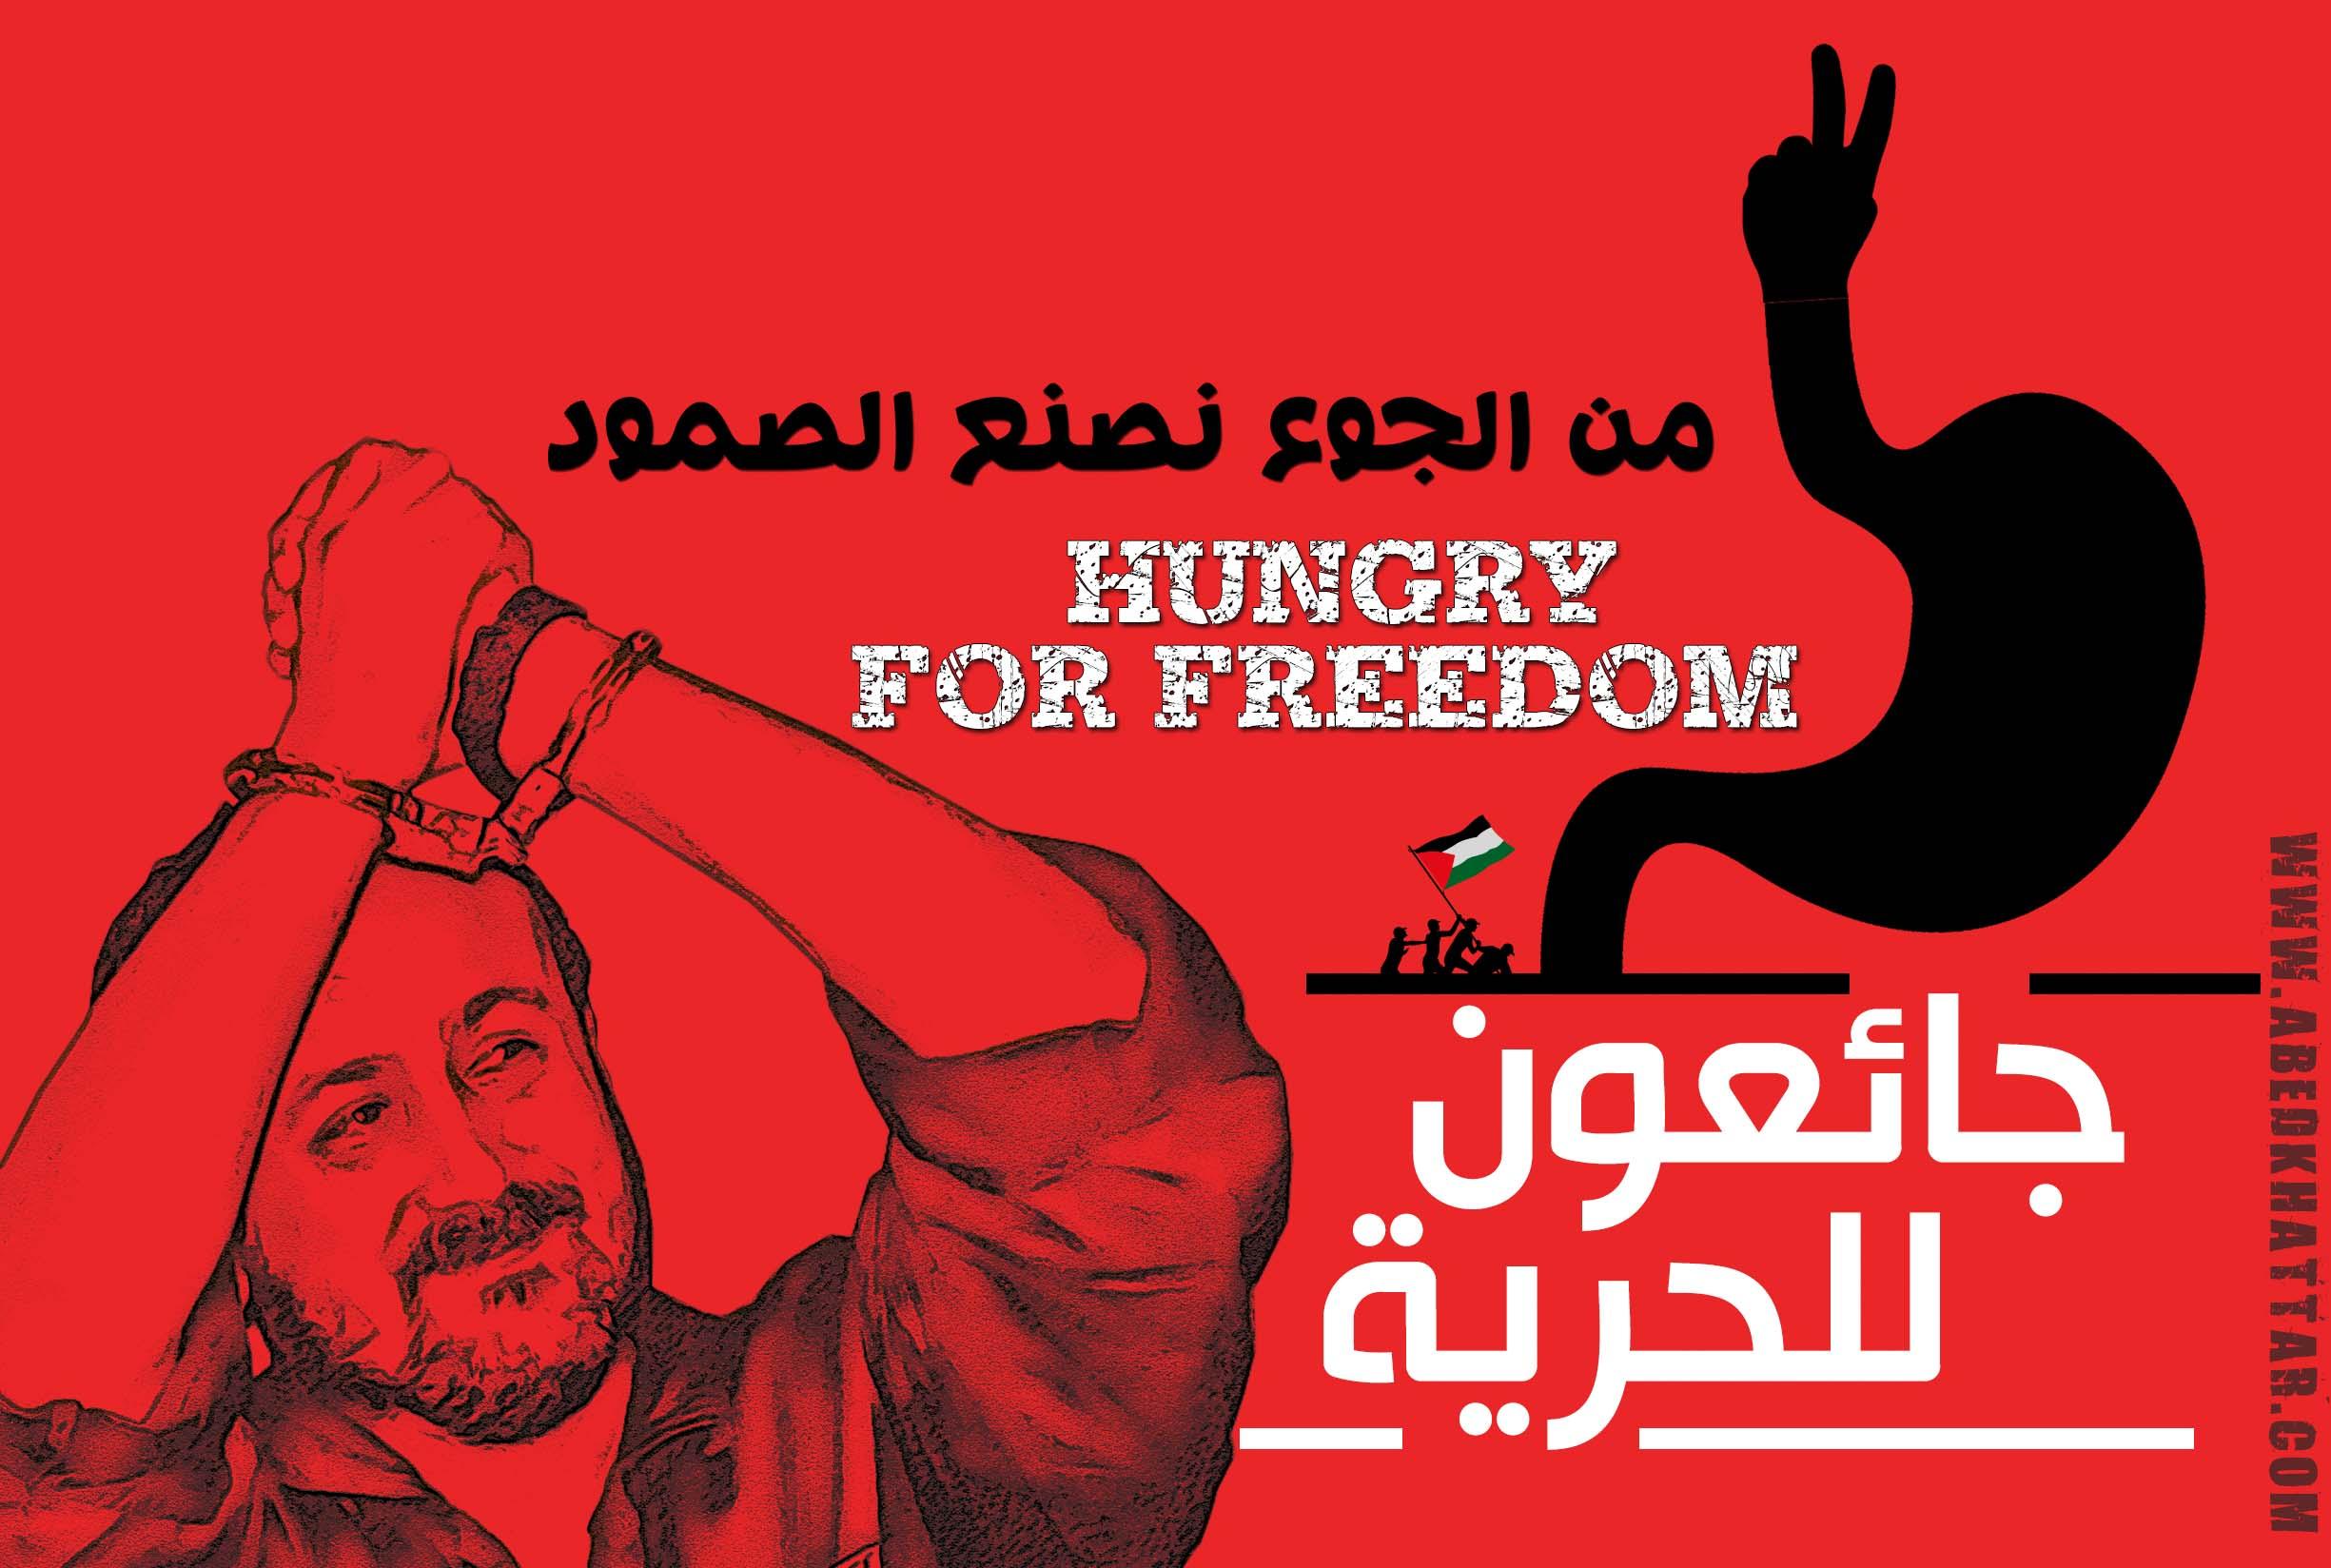 من الجوع نصنع الصمود .... جائعون للحرية